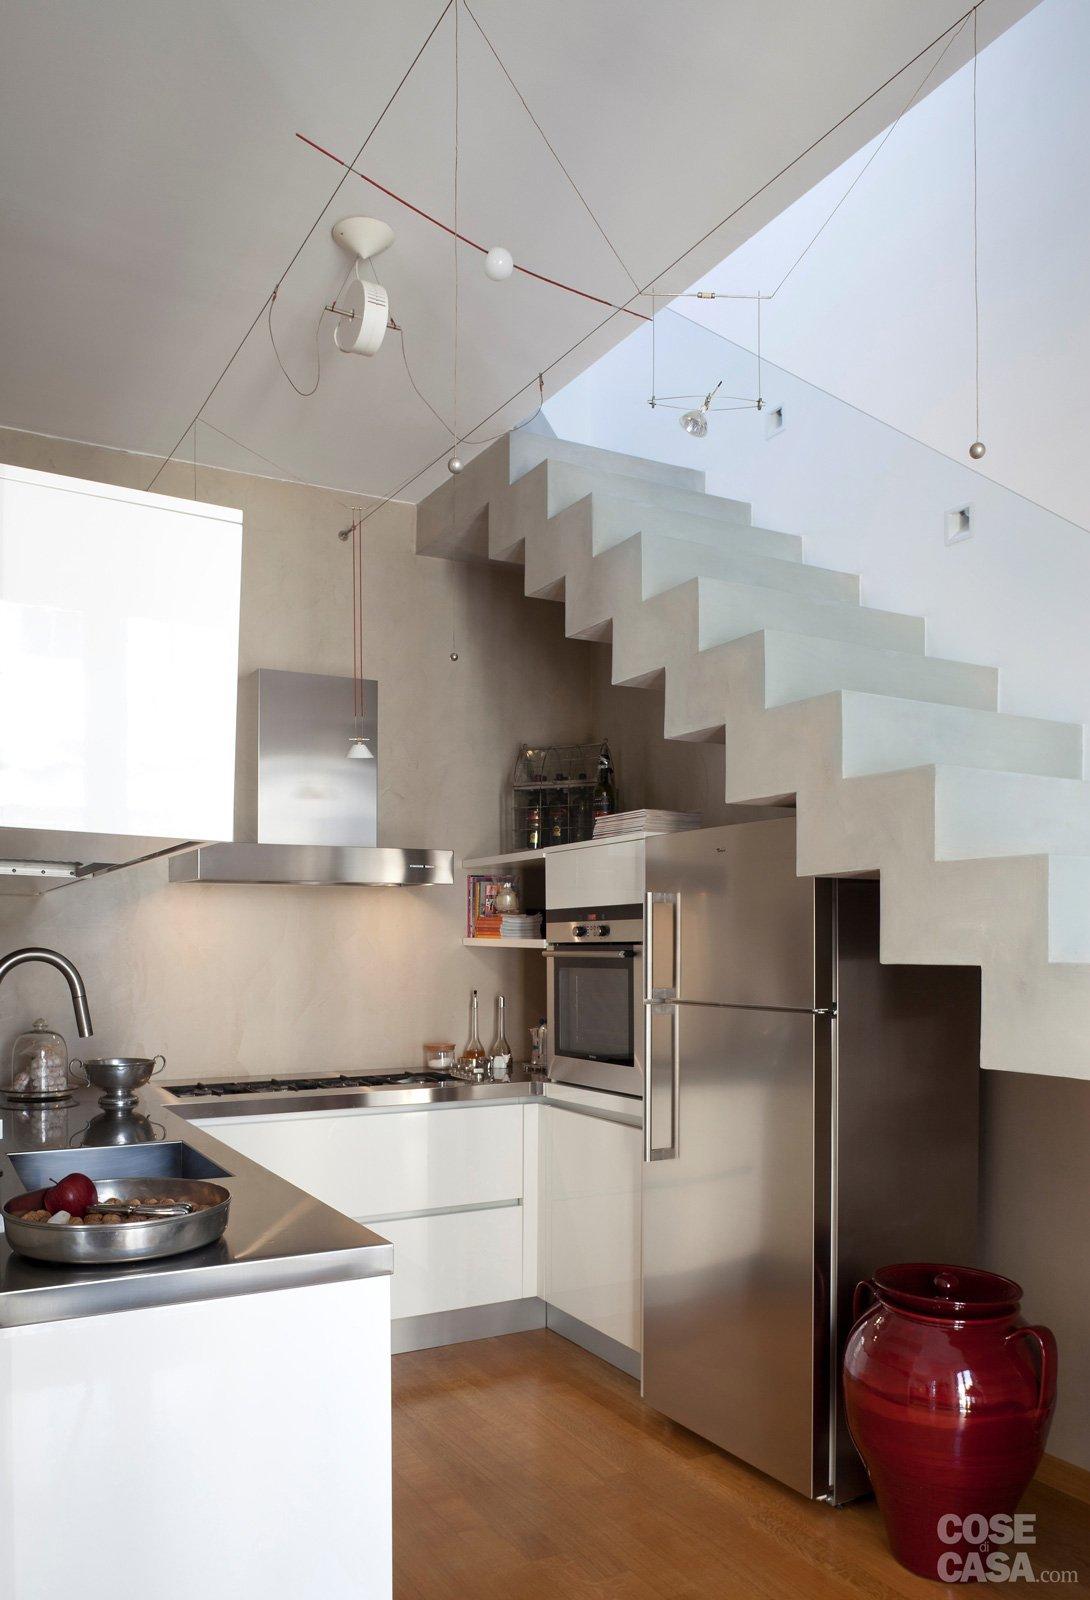 Una casa da copiare 10 idee tra spunti d 39 arredo e decor for Piccole immagini del piano casa